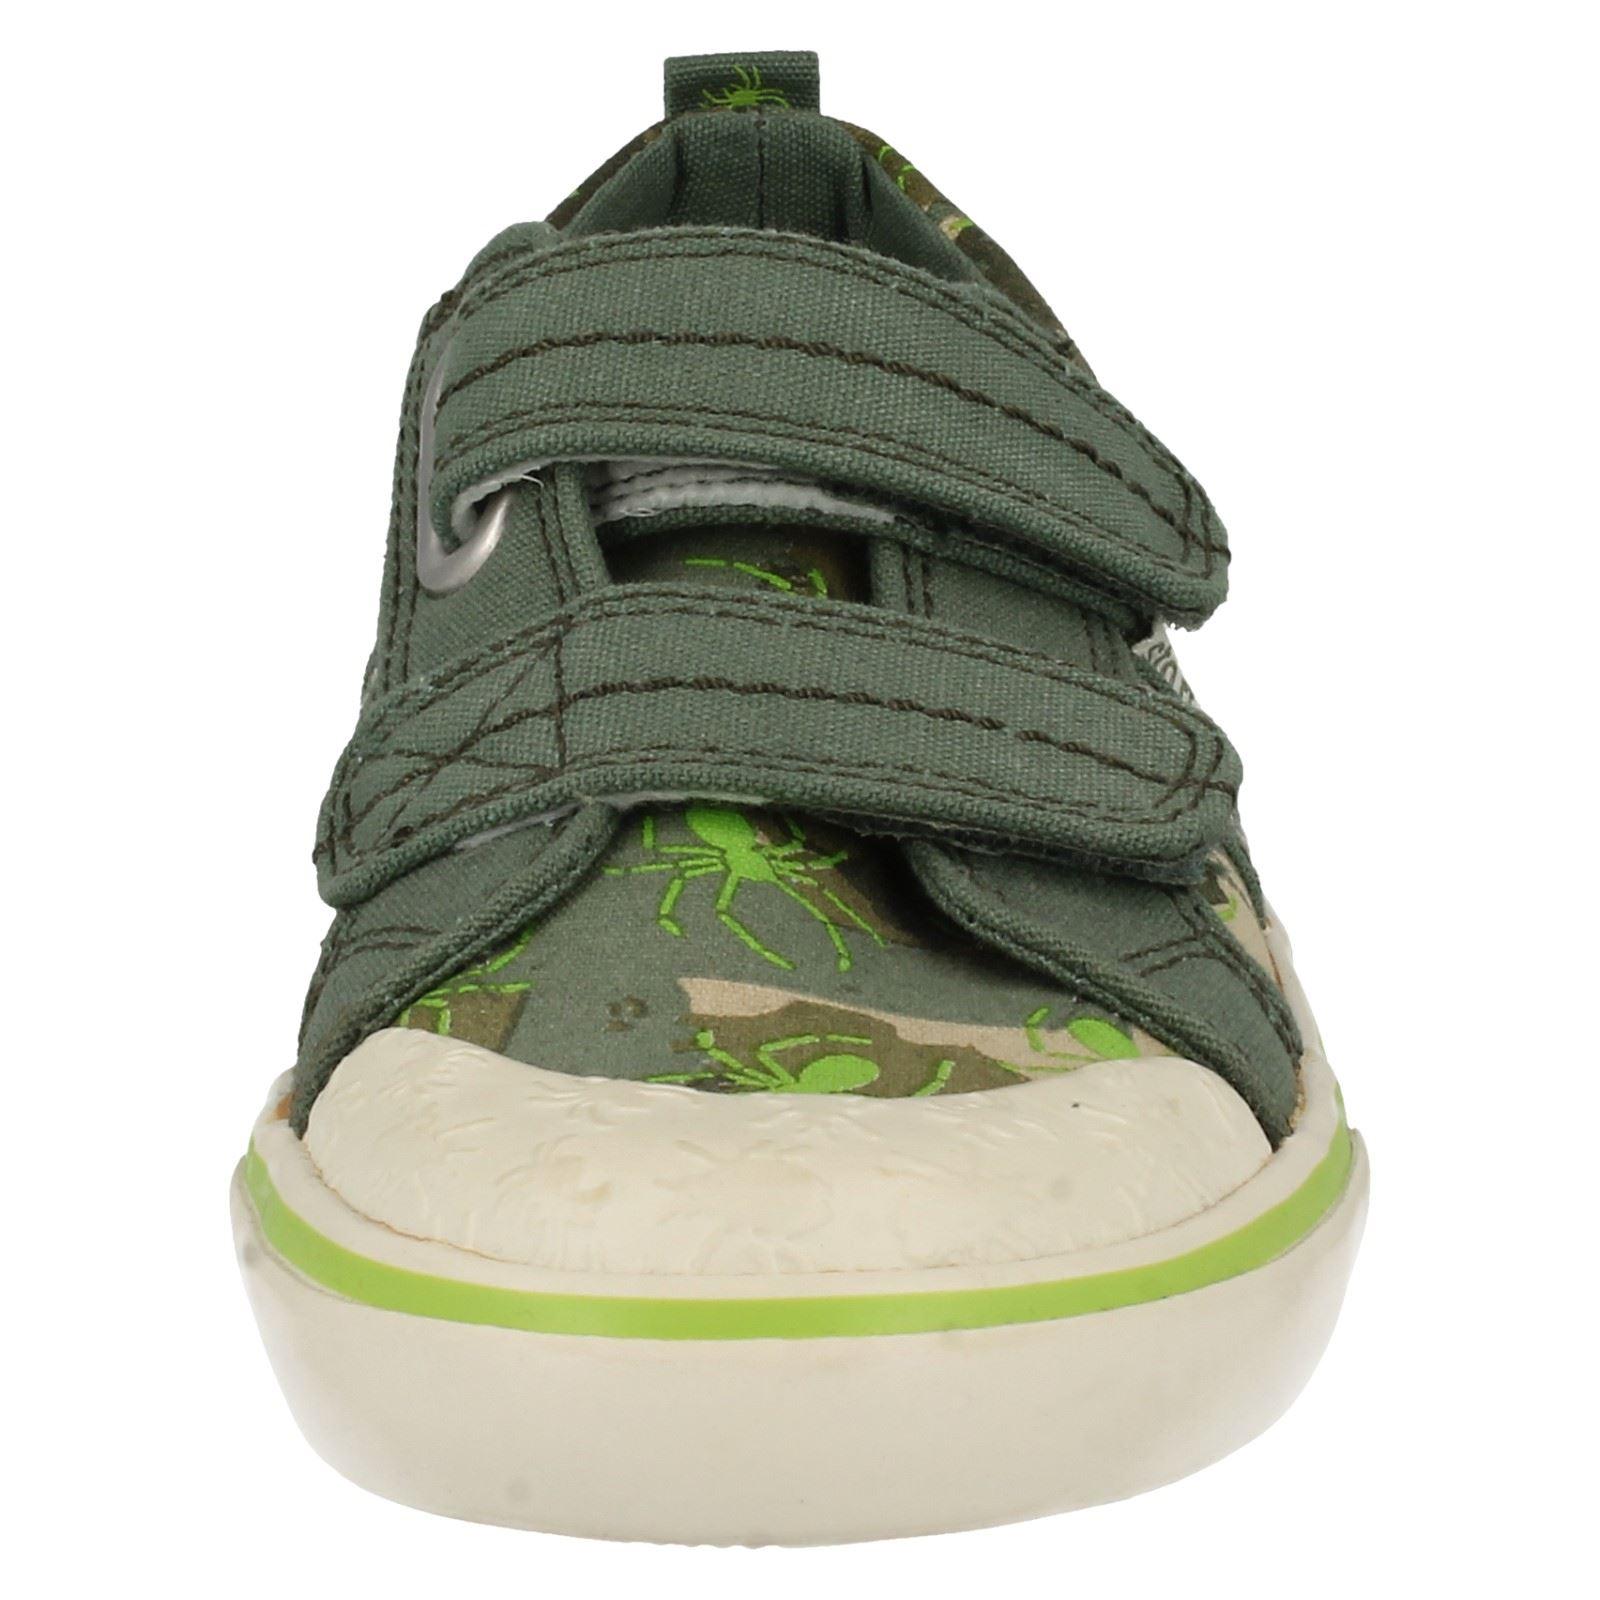 Boys Startrite Double Strap Shoes Venomous